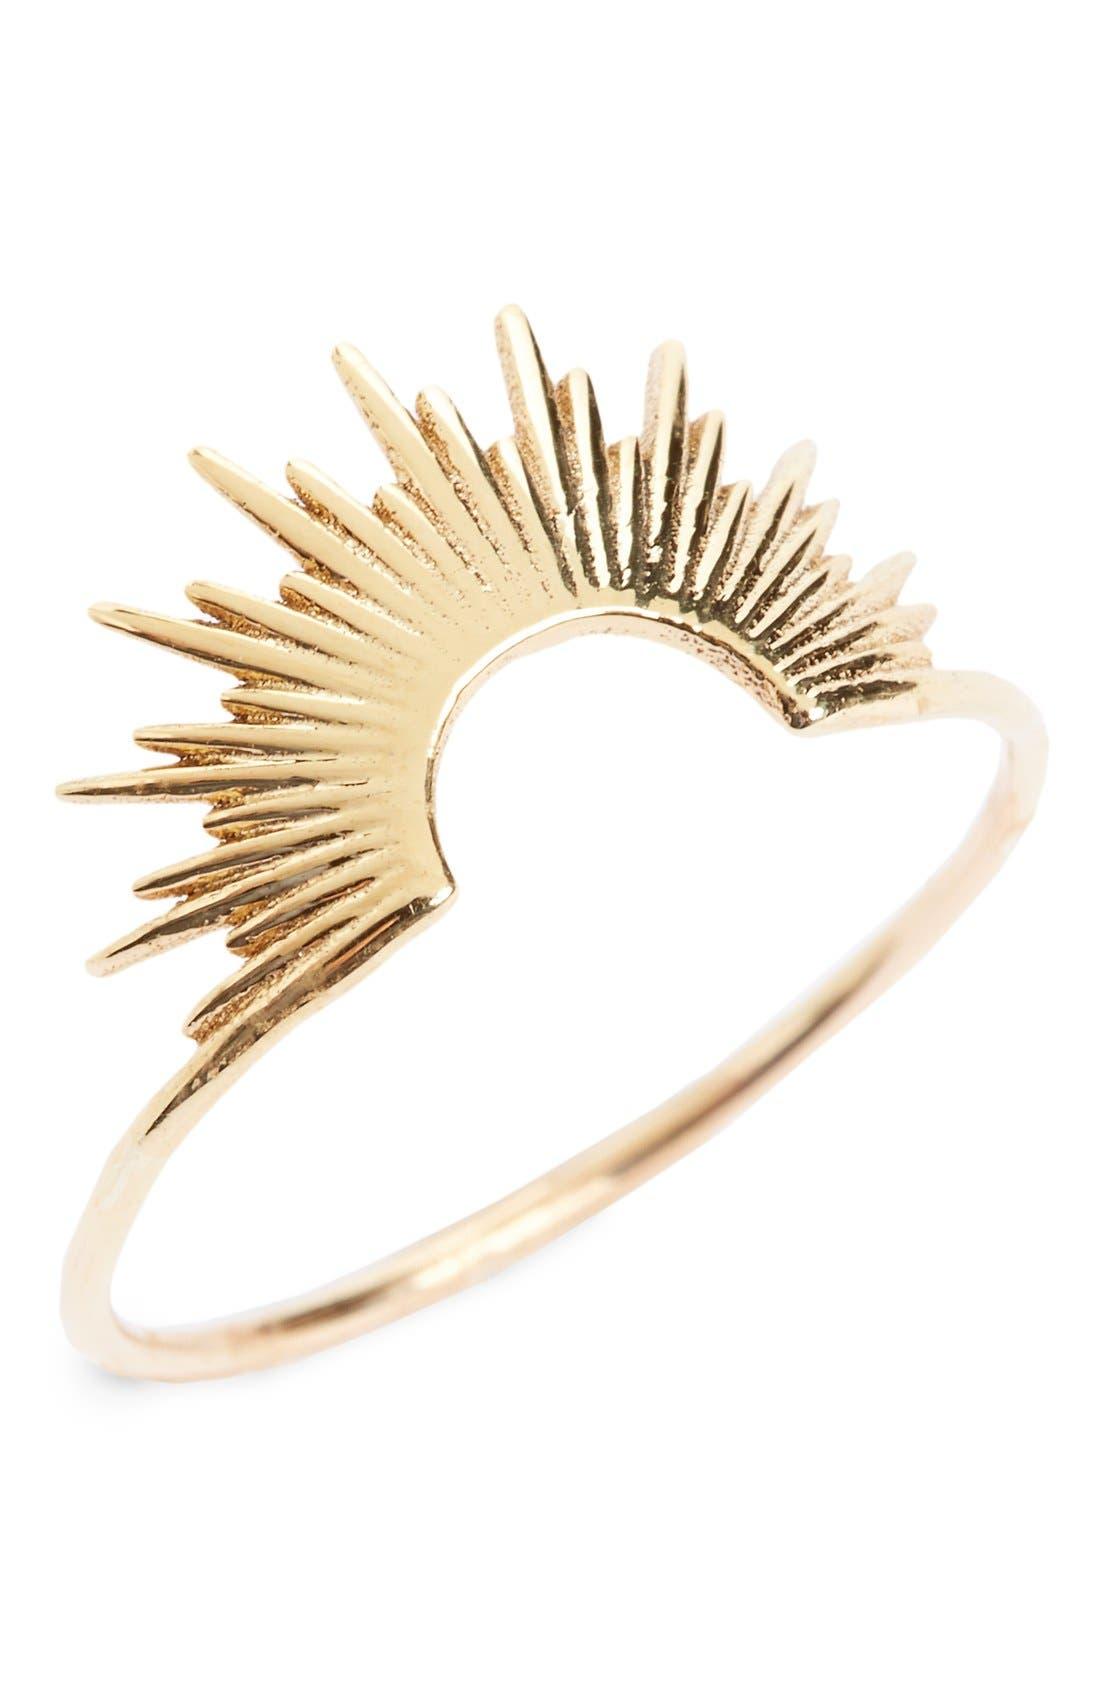 Main Image - SARAH & SEBASTIAN 'Nimbus' Ring